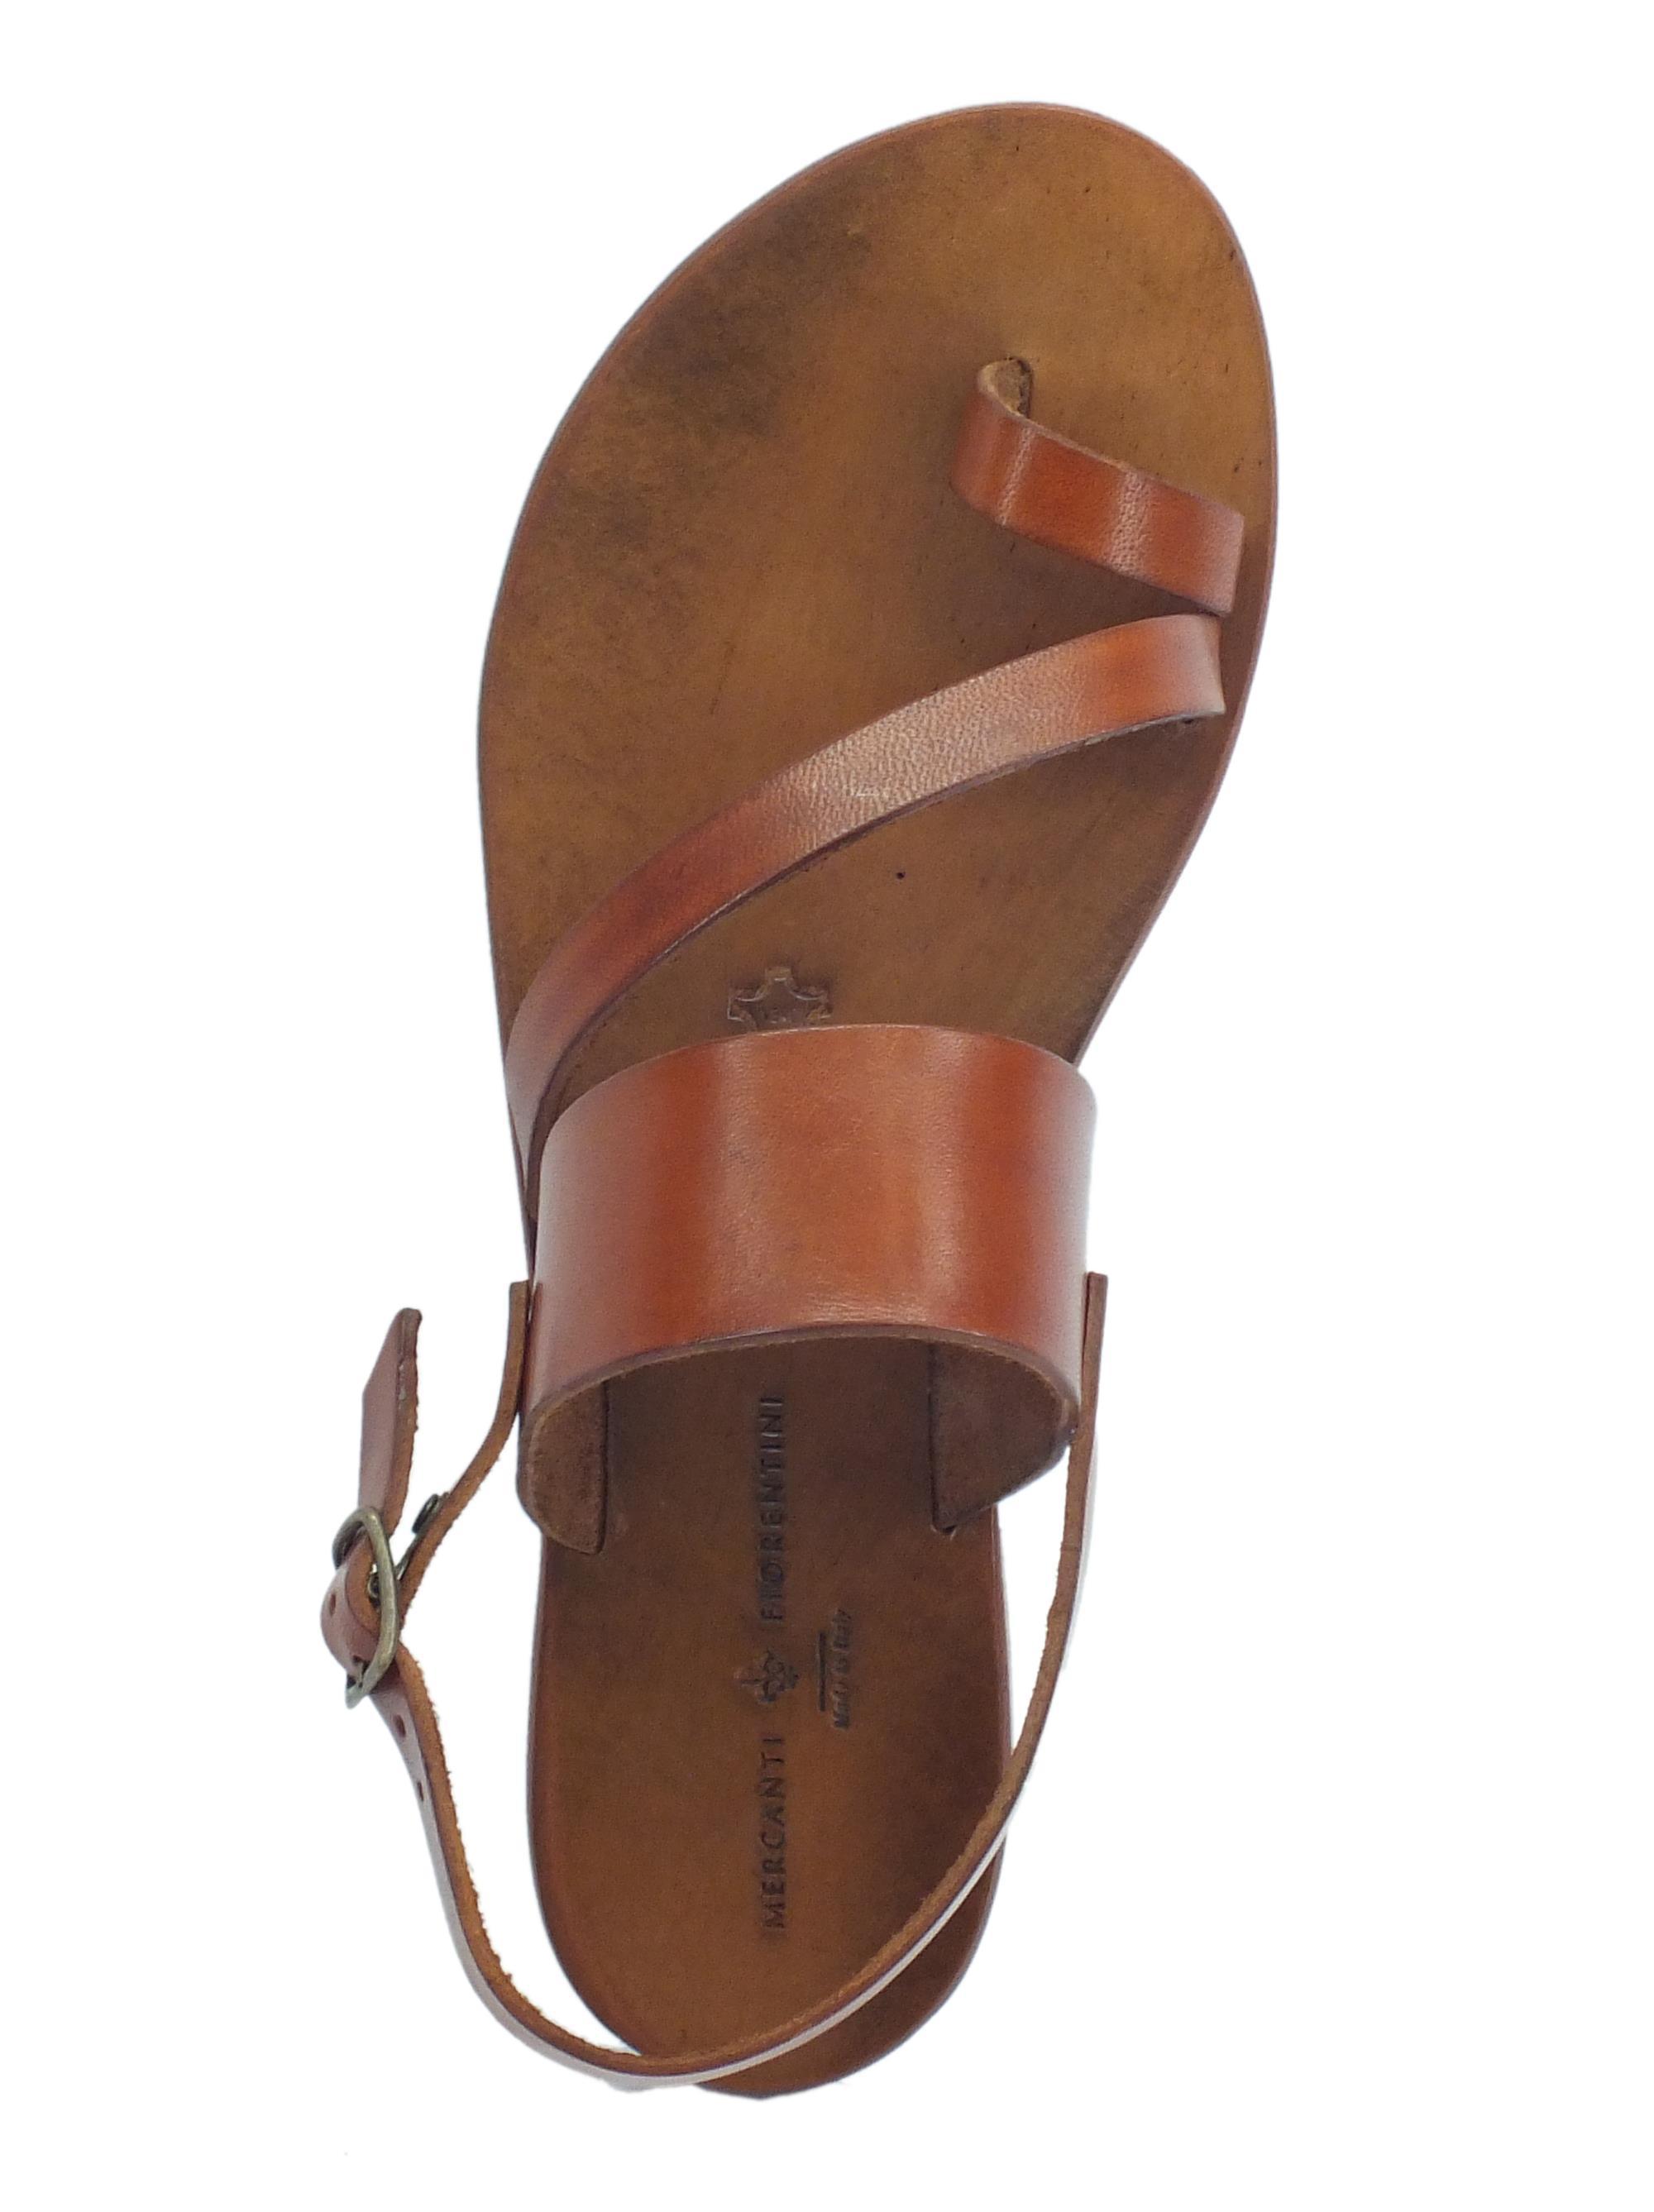 ... Infradito artigianali Mercanti Fiorentini in pelle tuffata cuoio fondo  cuoio tacco basso e8eea922a88